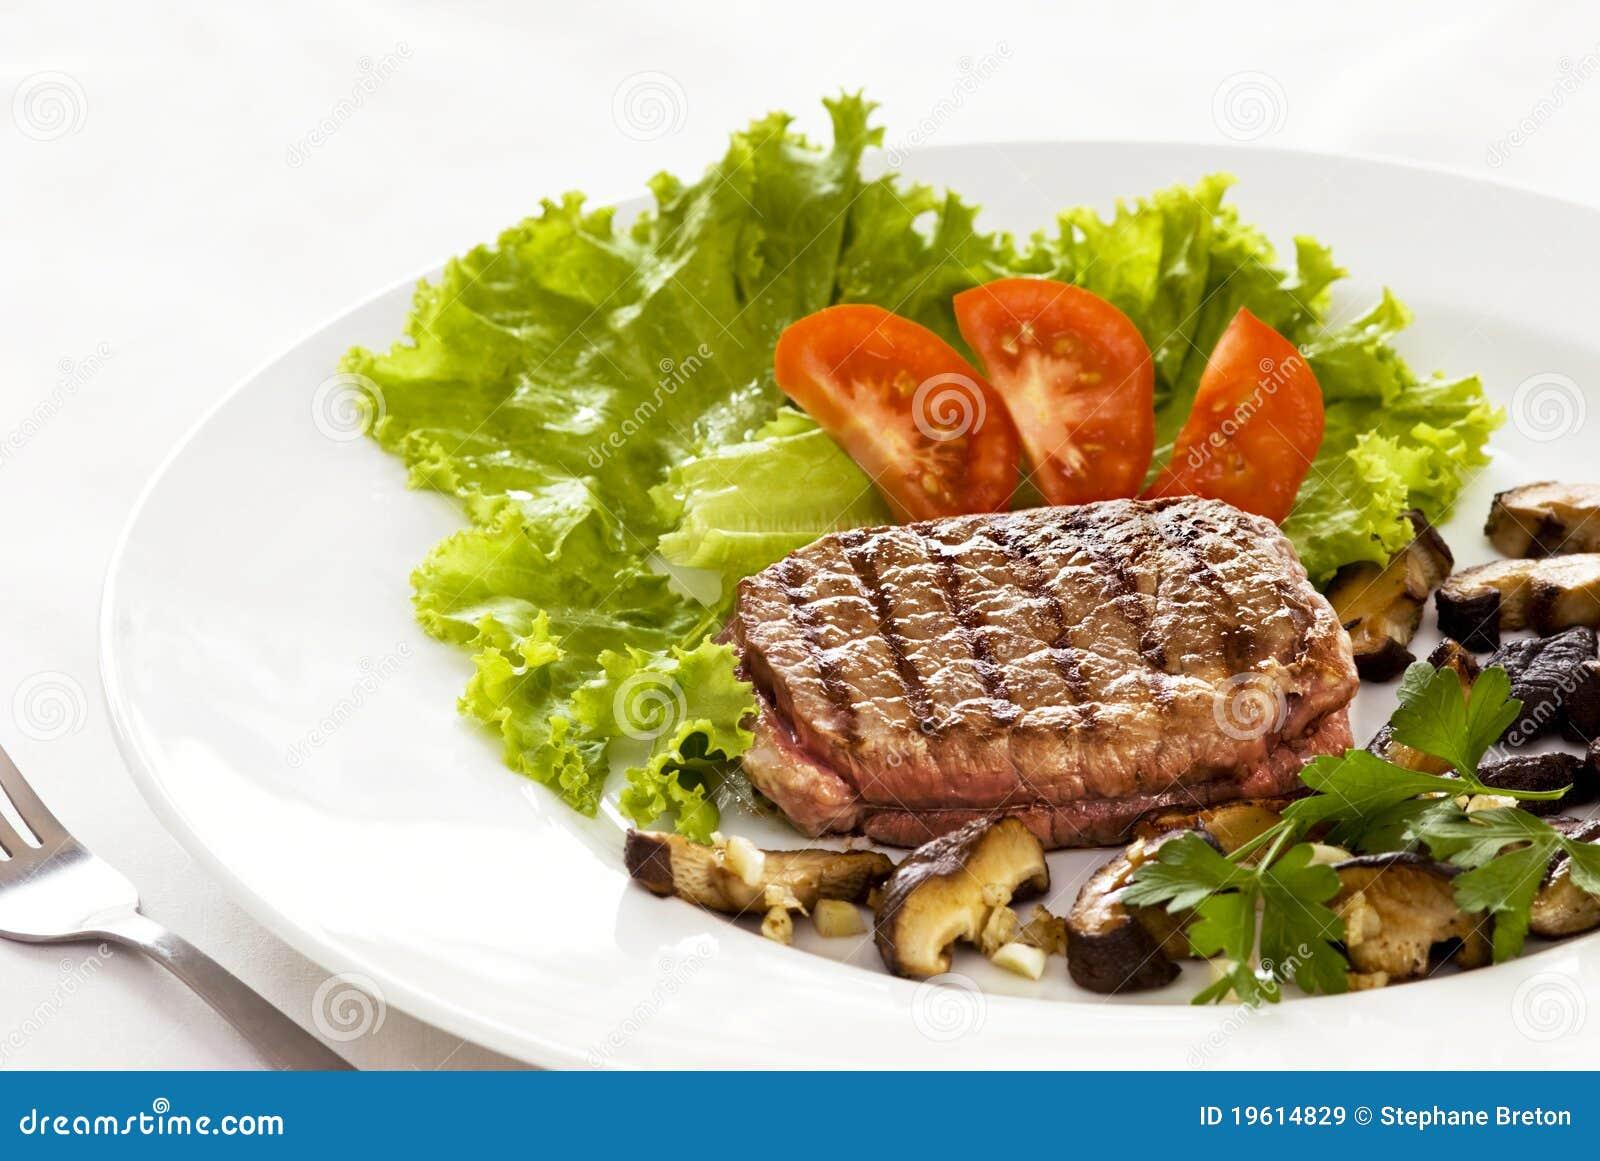 Lapje vlees en Salade